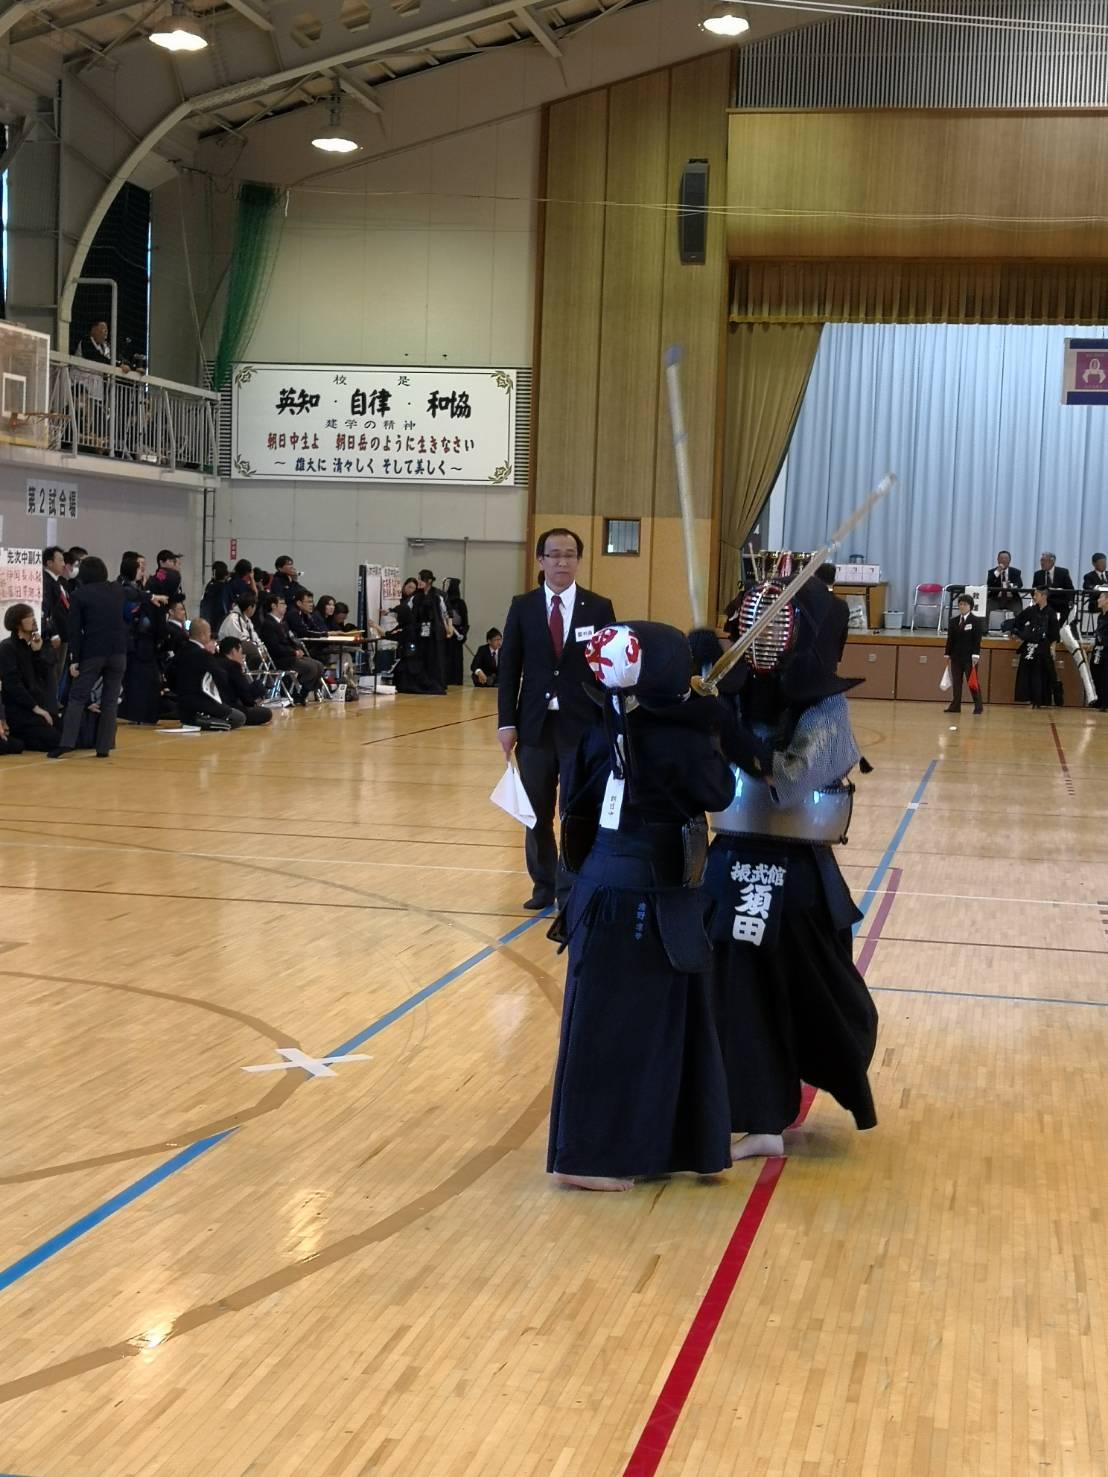 朝日町立朝日中学校 (山形県)